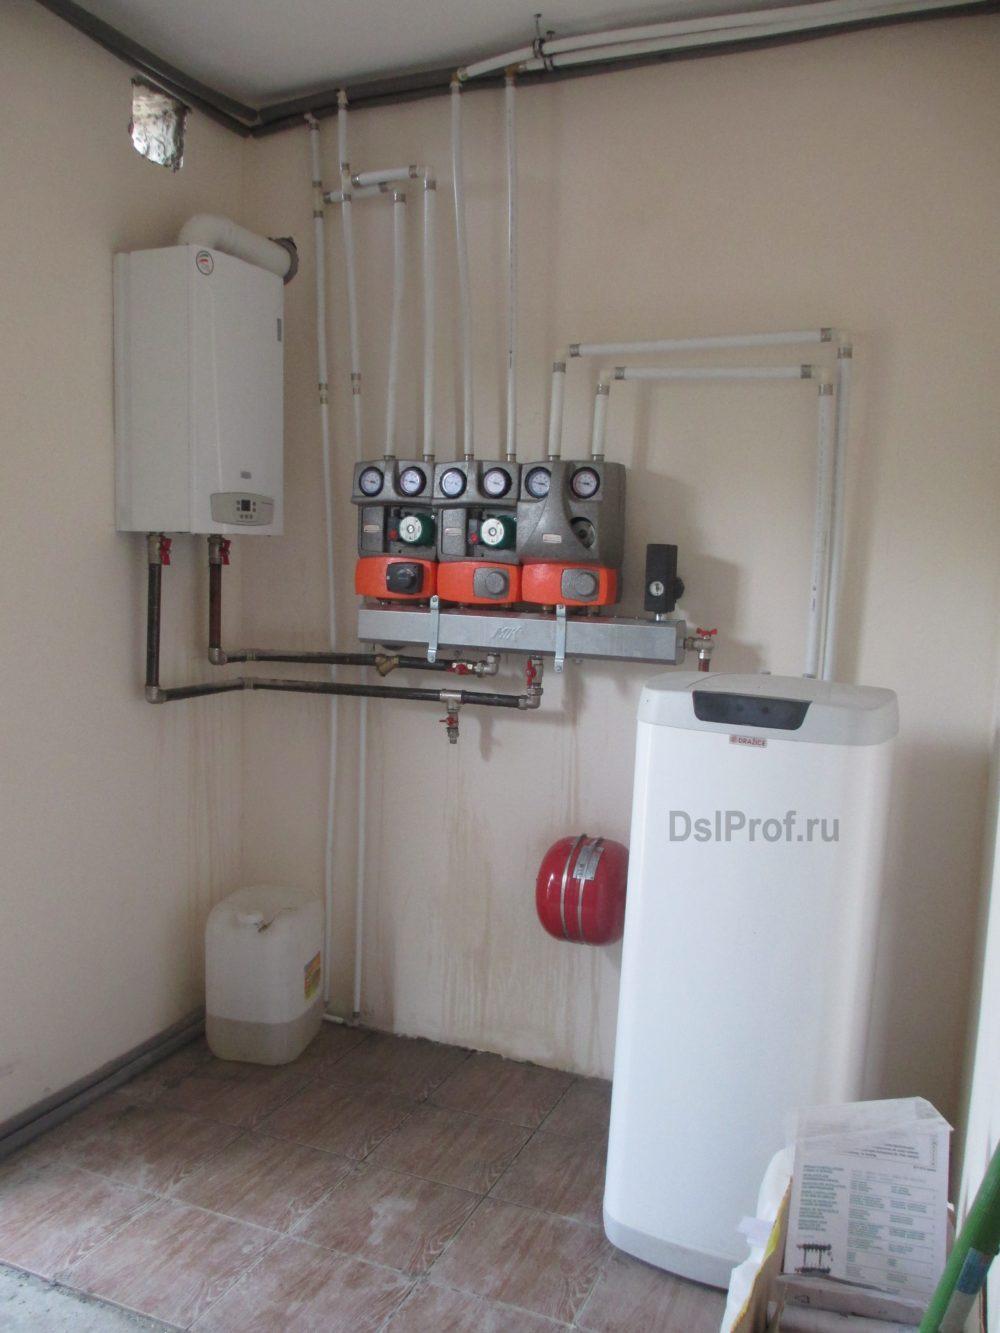 7 советов по обустройству газового отопления загородного дома: варианты и схемы | строительный блог вити петрова